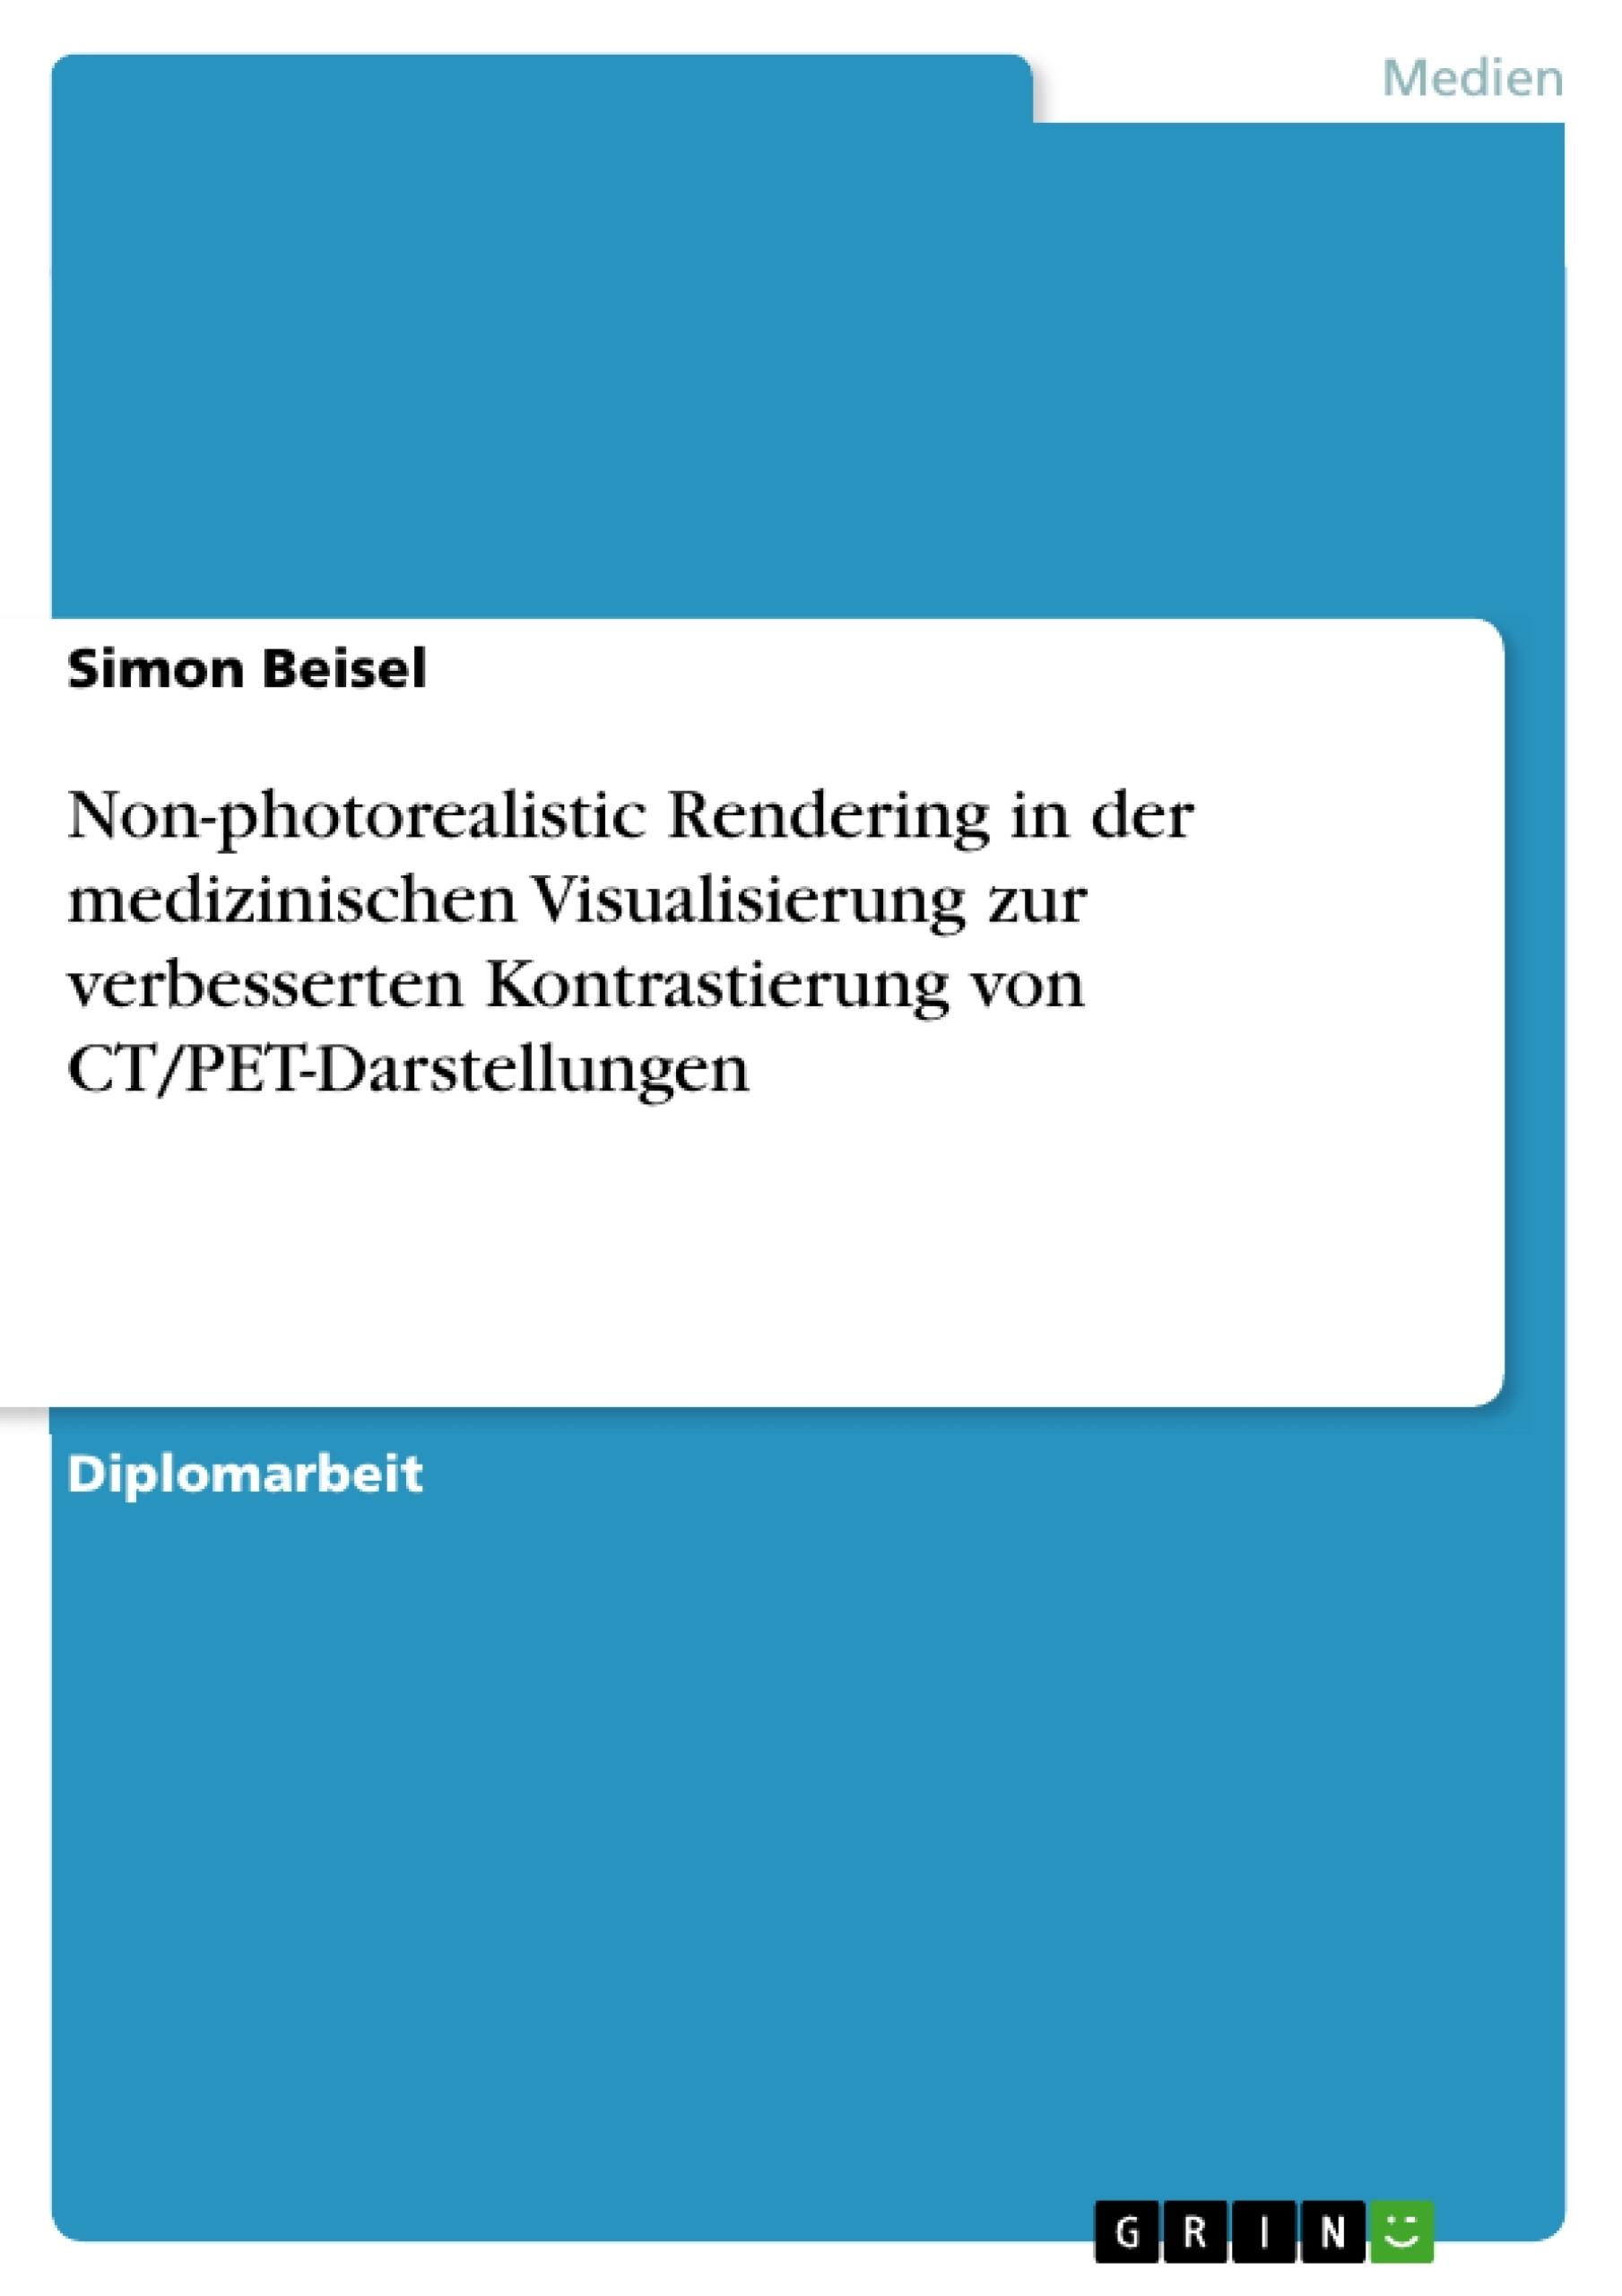 Titel: Non-photorealistic Rendering in der medizinischen Visualisierung zur verbesserten Kontrastierung von CT/PET-Darstellungen